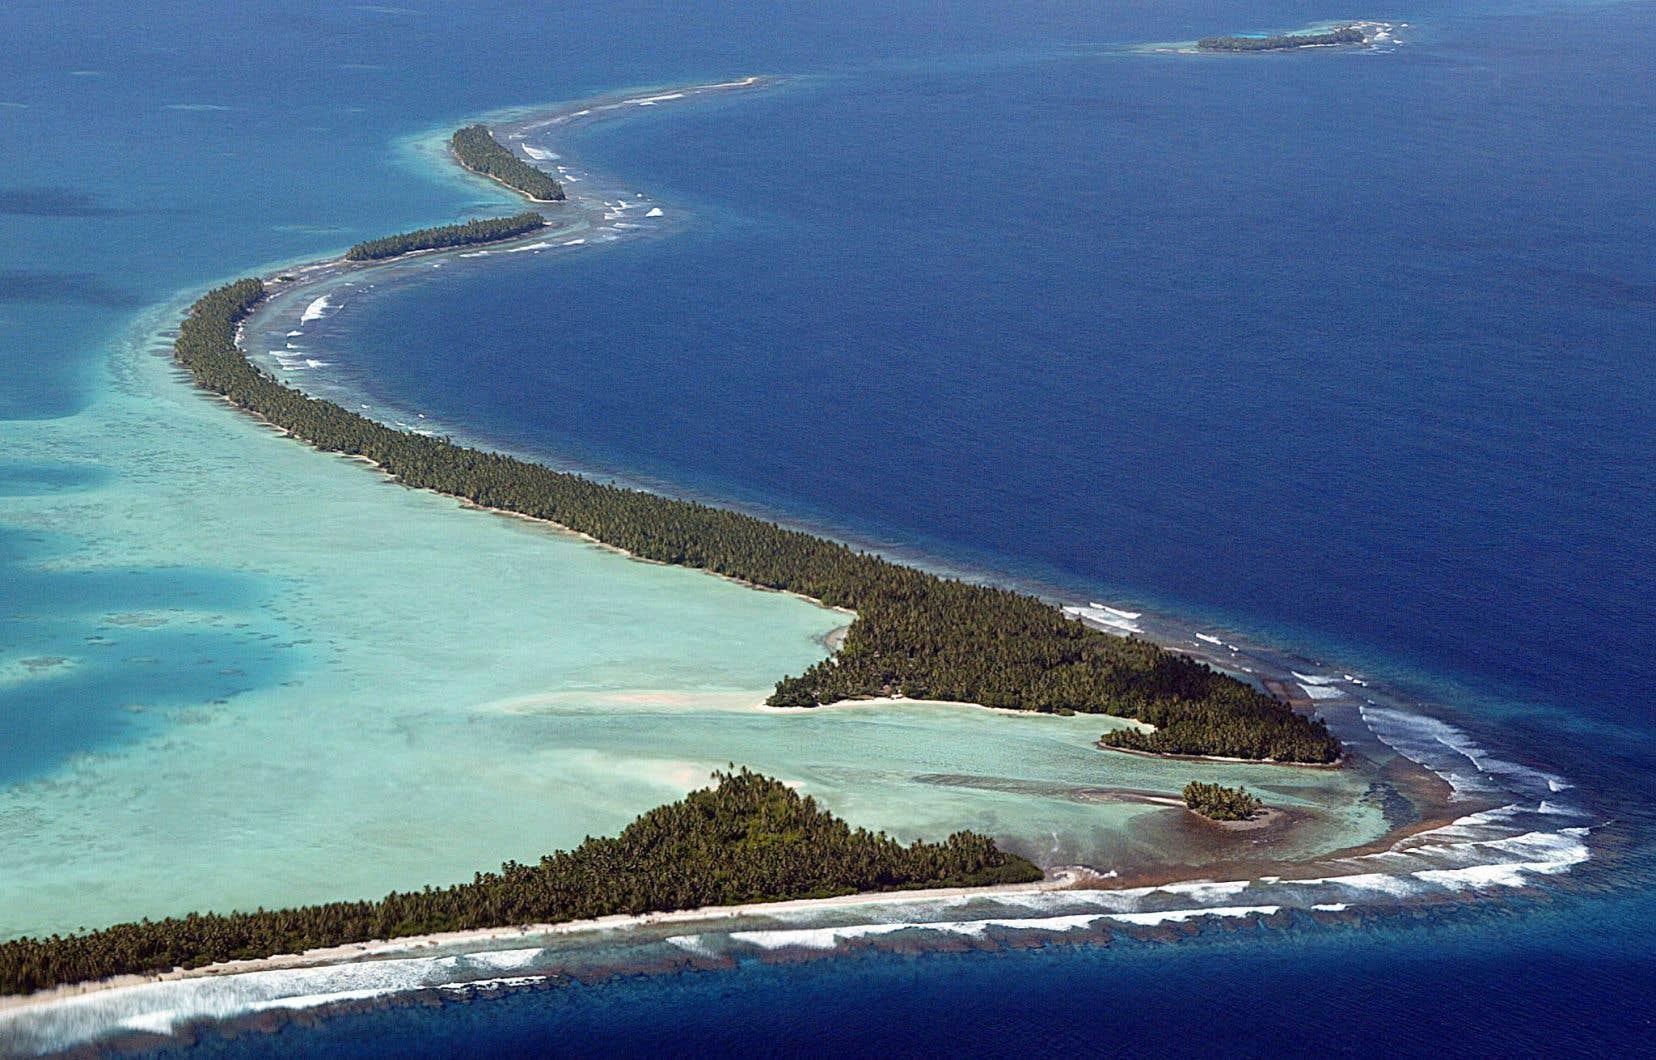 Les États insulaires comme les Tuvalu, Tokelau et Kiribati sont considérés comme les plus vulnérables au réchauffement climatique de la planète et les populations craignent d'être chassées par la montée des eaux.